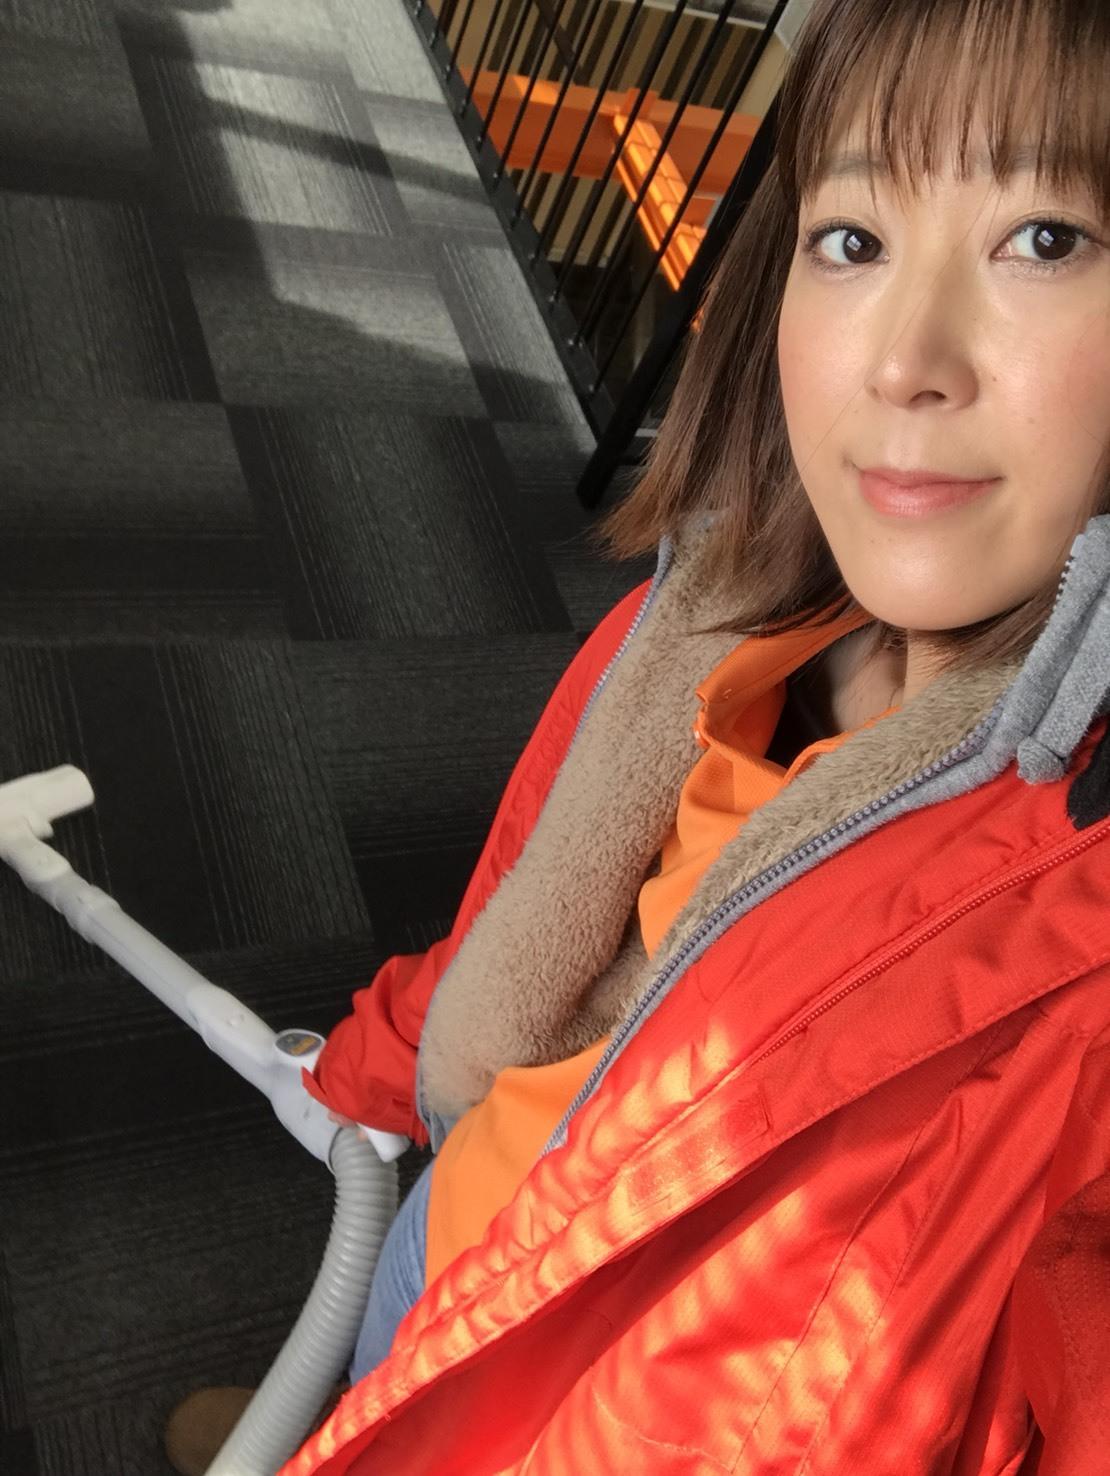 2月8日(木)トミーベース カスタムブログ☆タイヤチェンジャーあります☆ベースといえばやっぱりWALD!!ランクル ハマー LS取り扱っています☆_b0127002_10375365.jpg